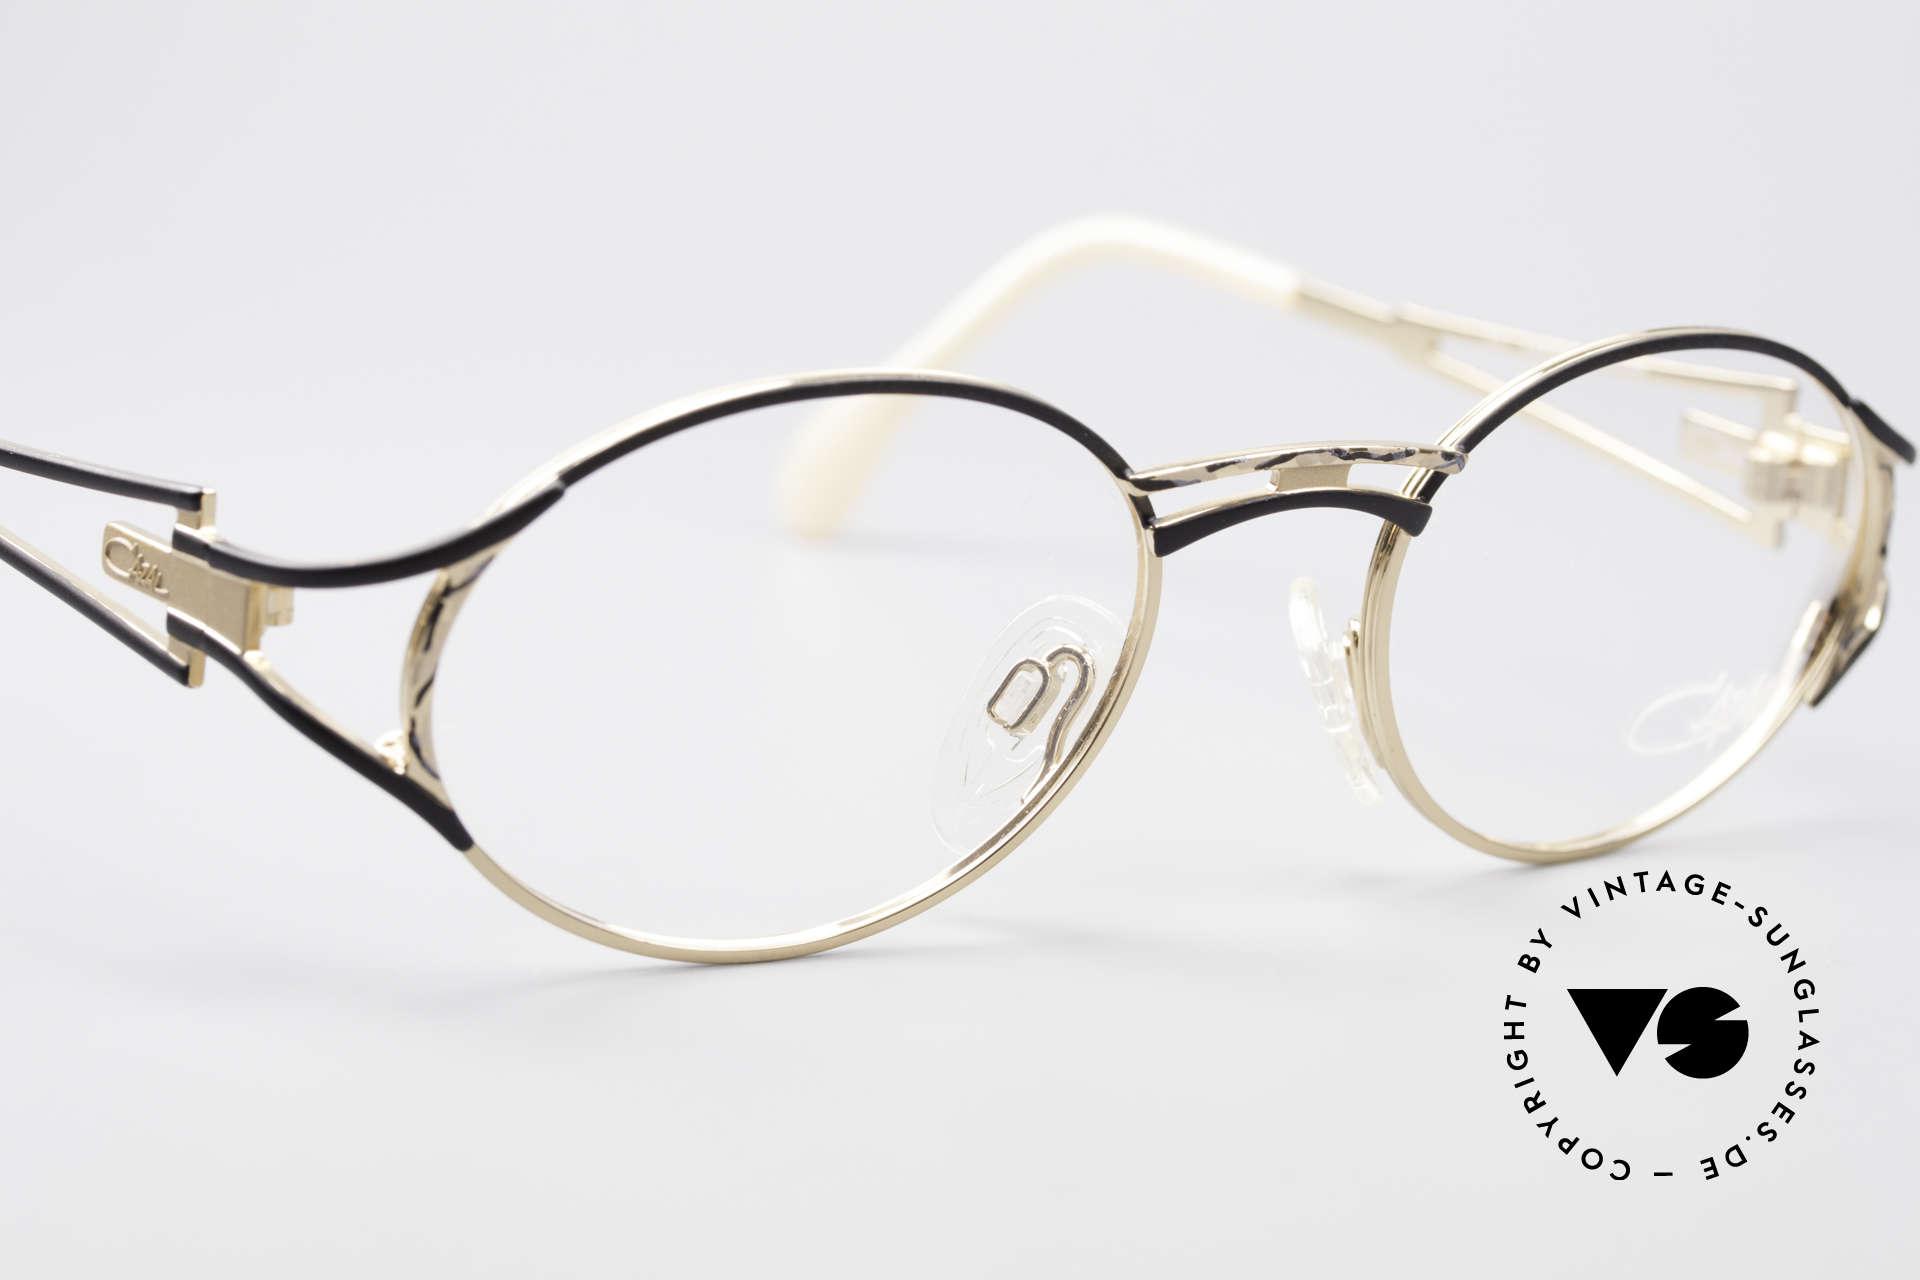 Cazal 285 Oval Round Vintage Glasses, frame is made for optical lenses or sun lenses, Made for Women